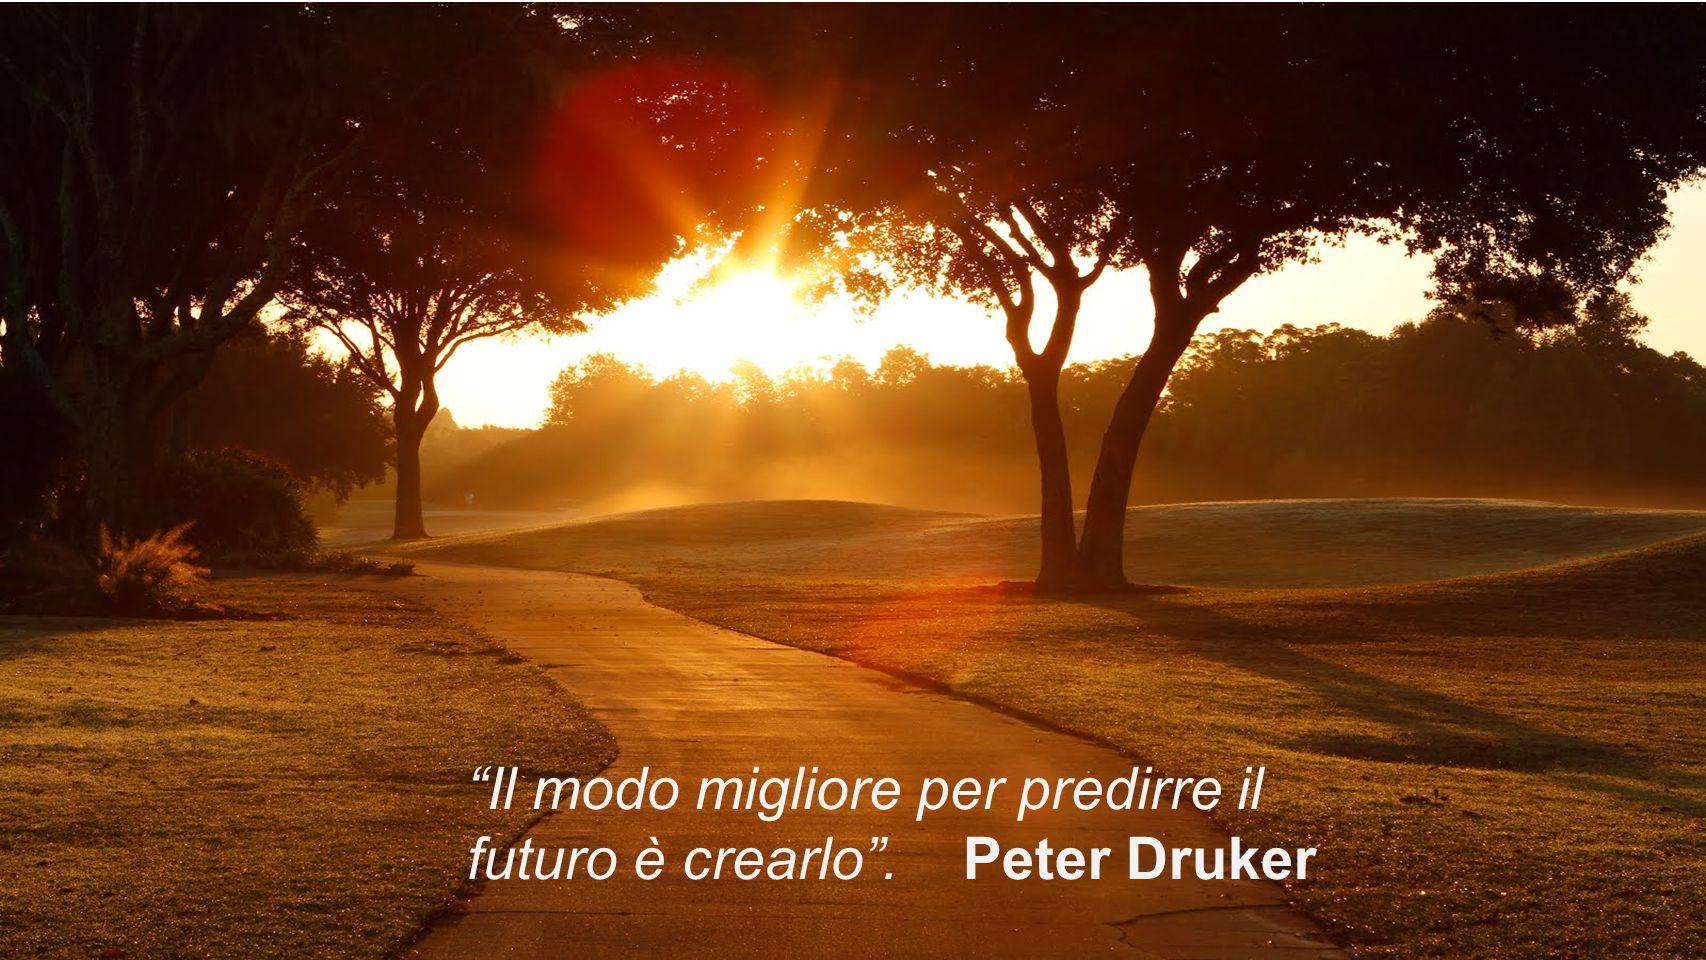 Il modo migliore per predirre il futuro è crearlo . Peter Druker